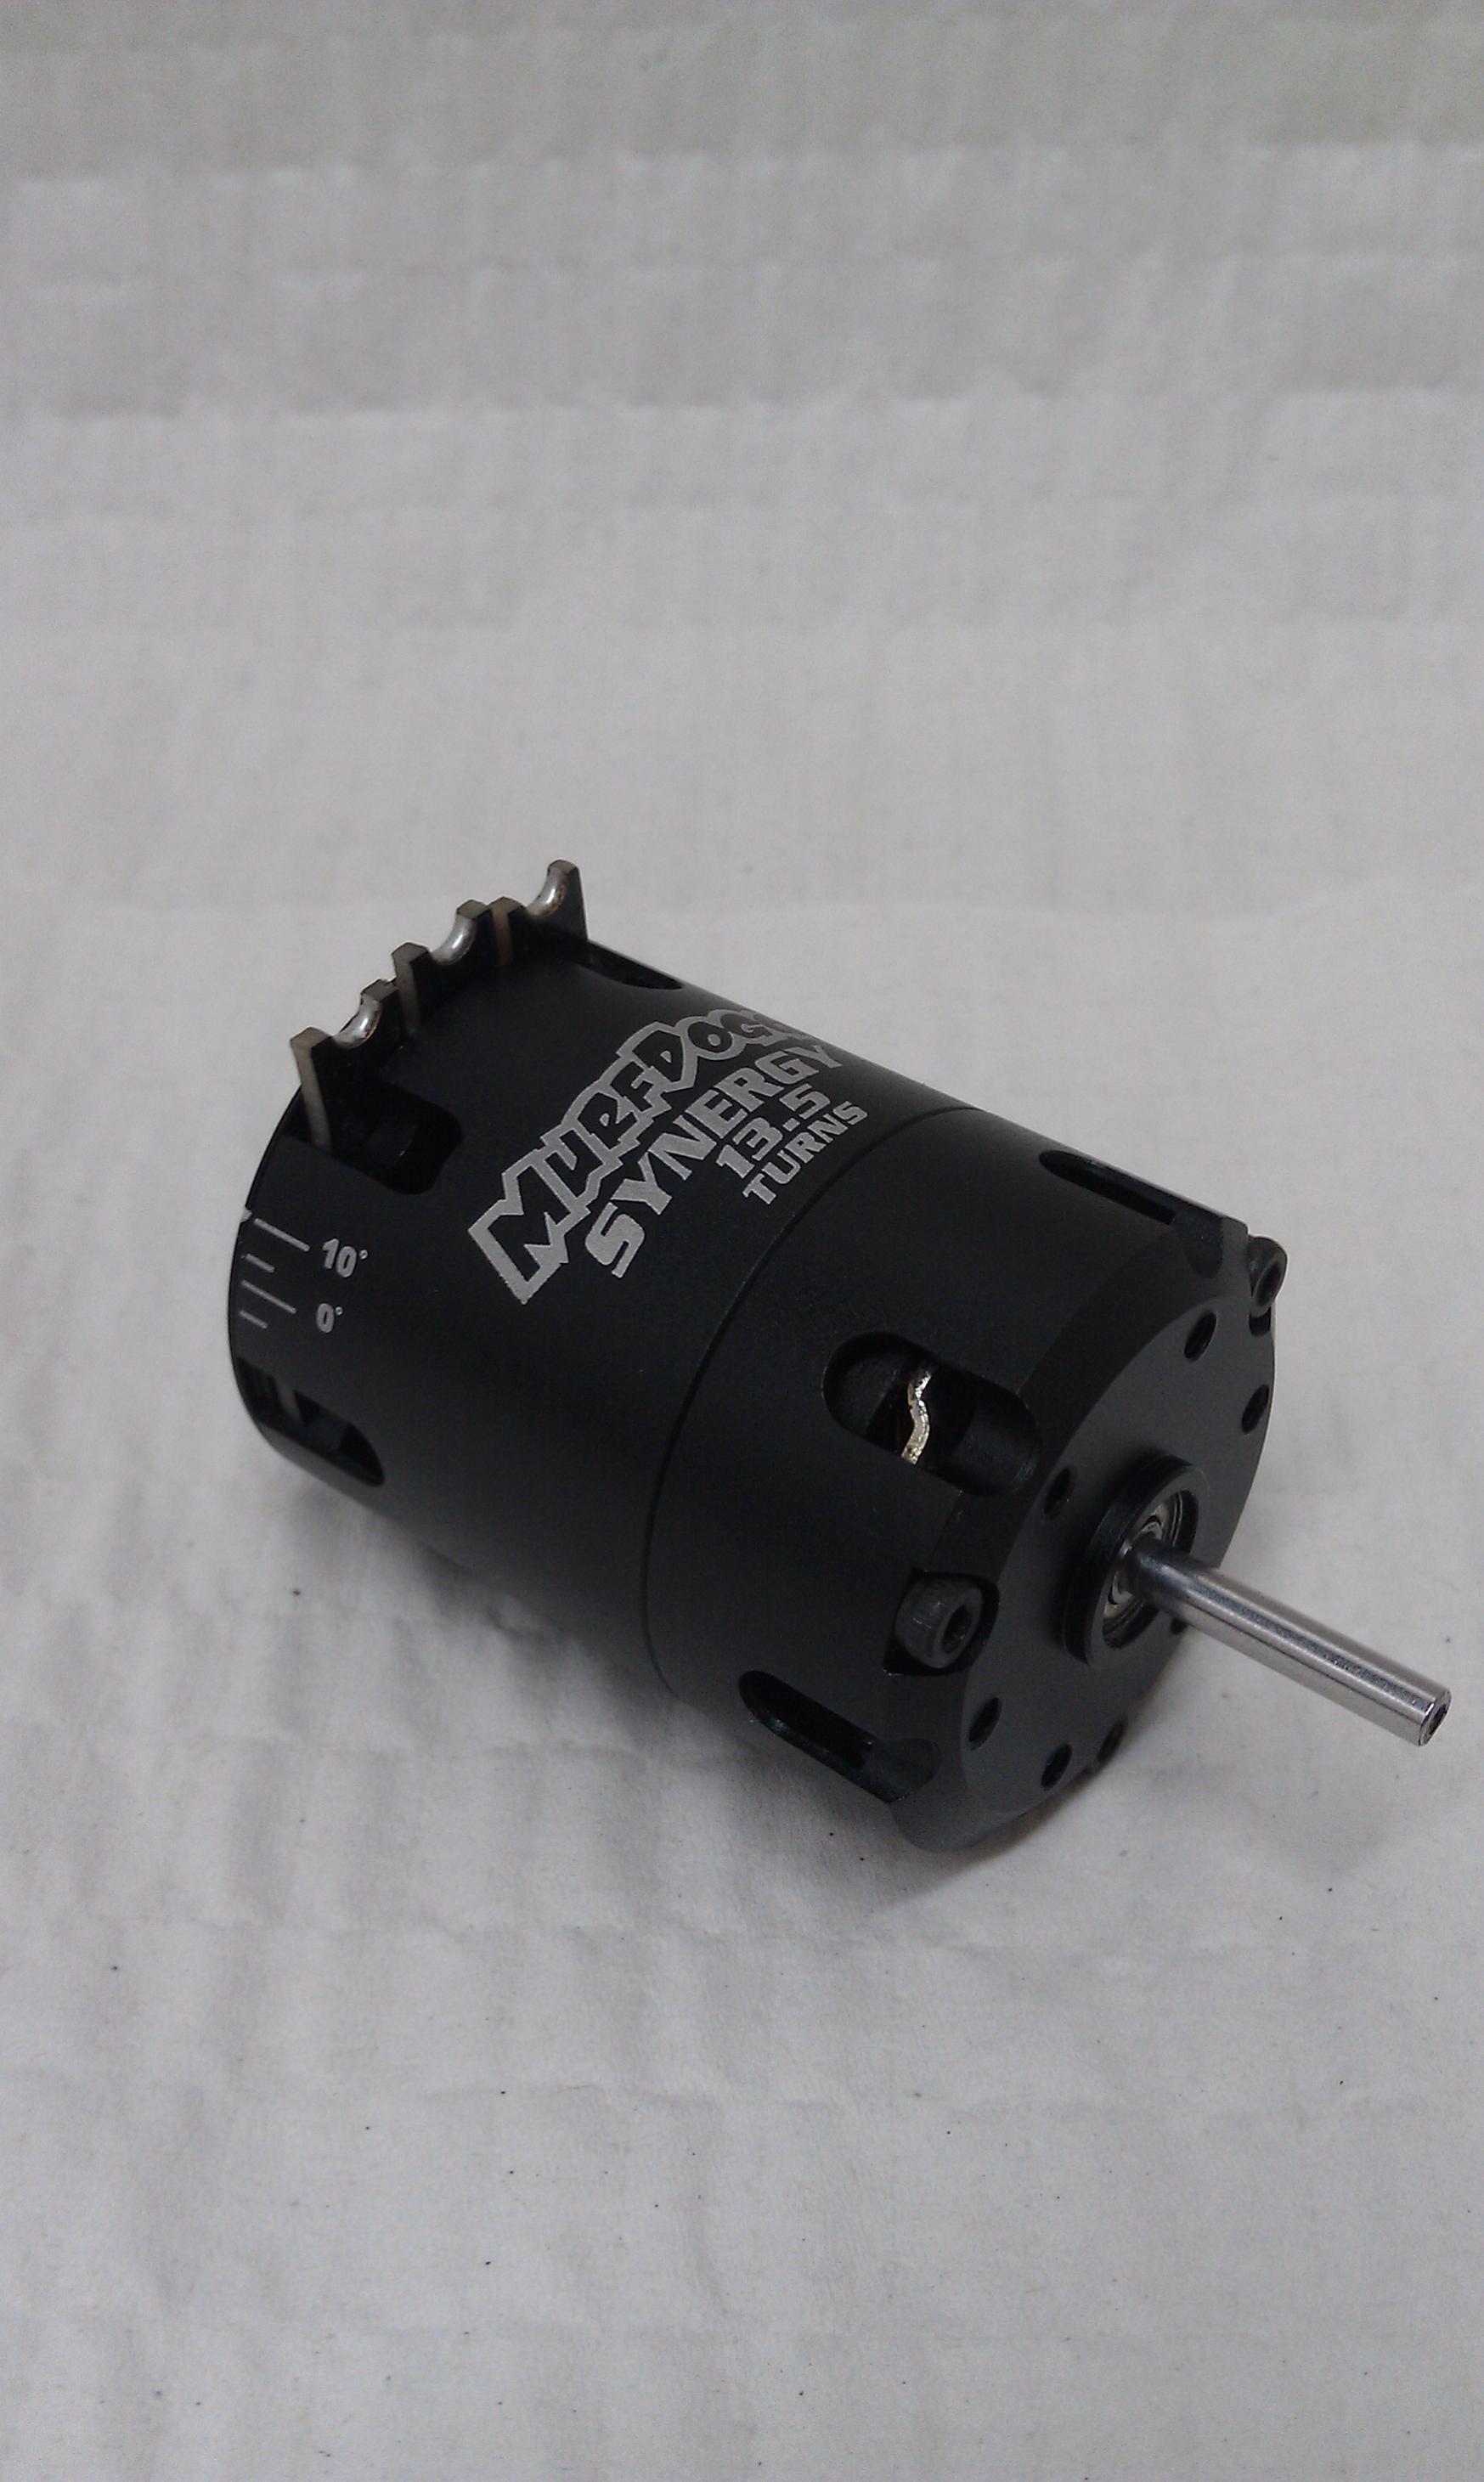 Orca vxx esc futaba s9551 servo brushless motors r c for Brushless motor ceramic bearings